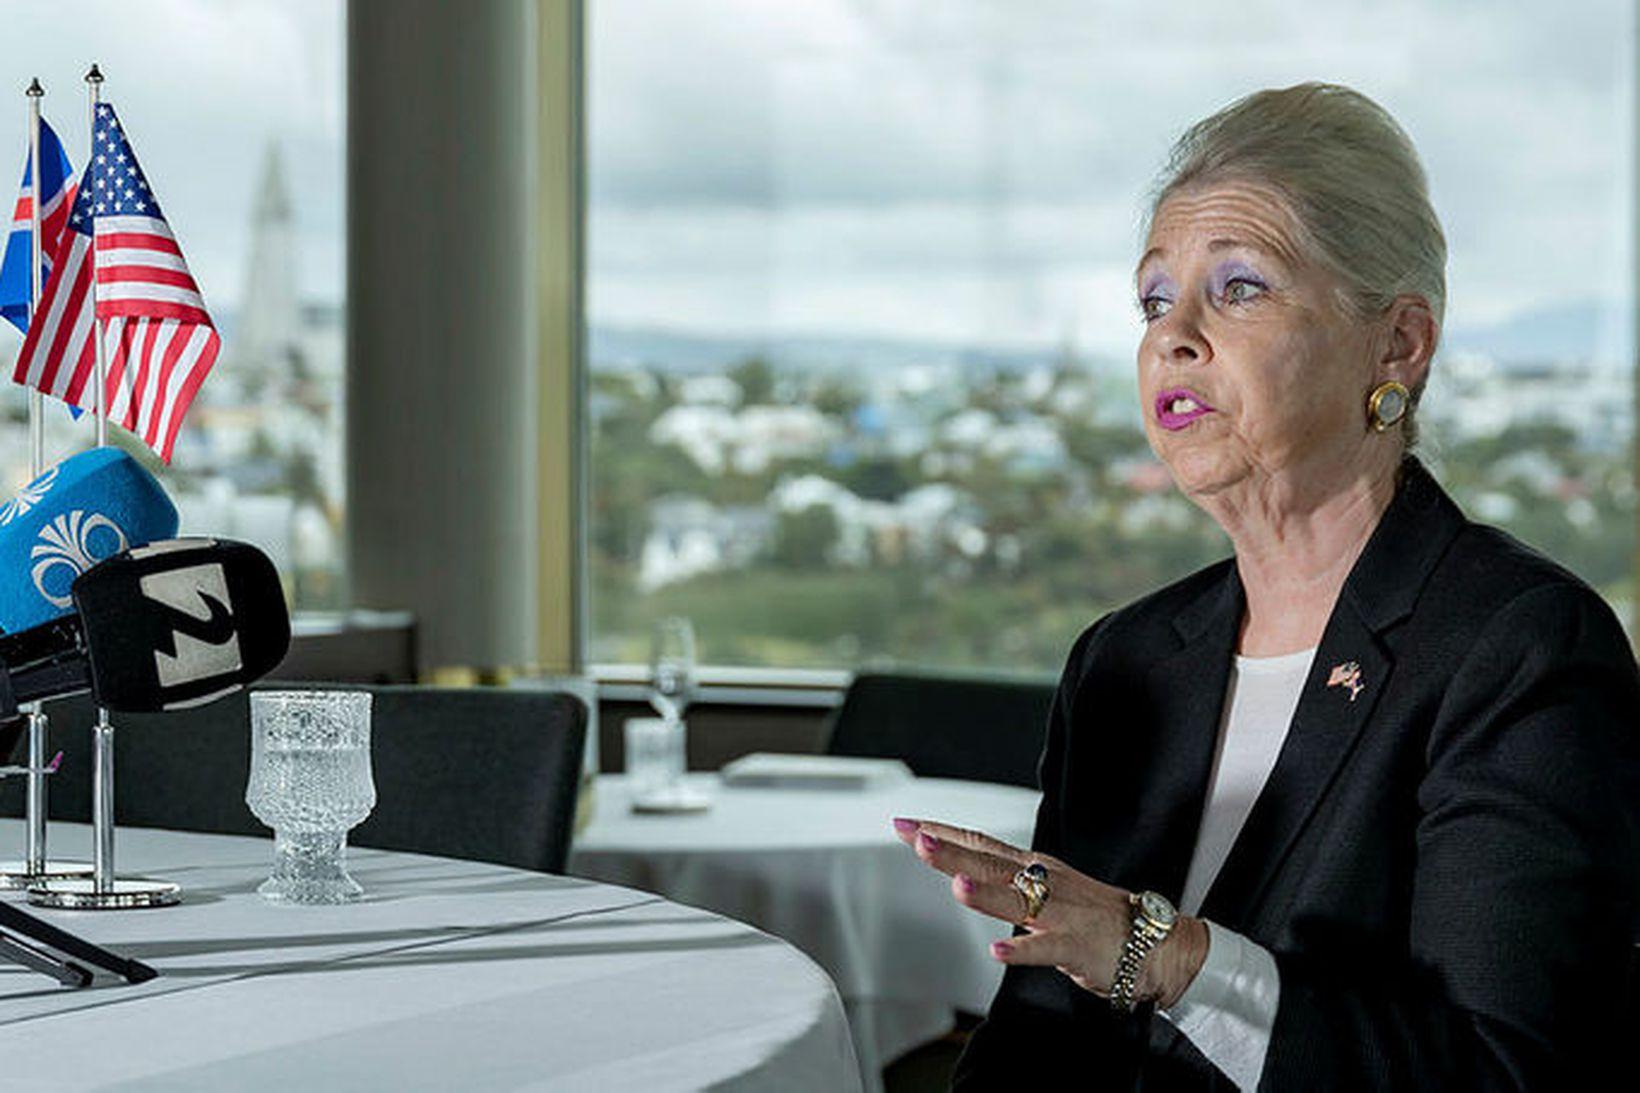 Michelle Roosevelt Edwards, stjórnarformaður USAerospace Associates og tilvonandi stjórnarformaður WOW …